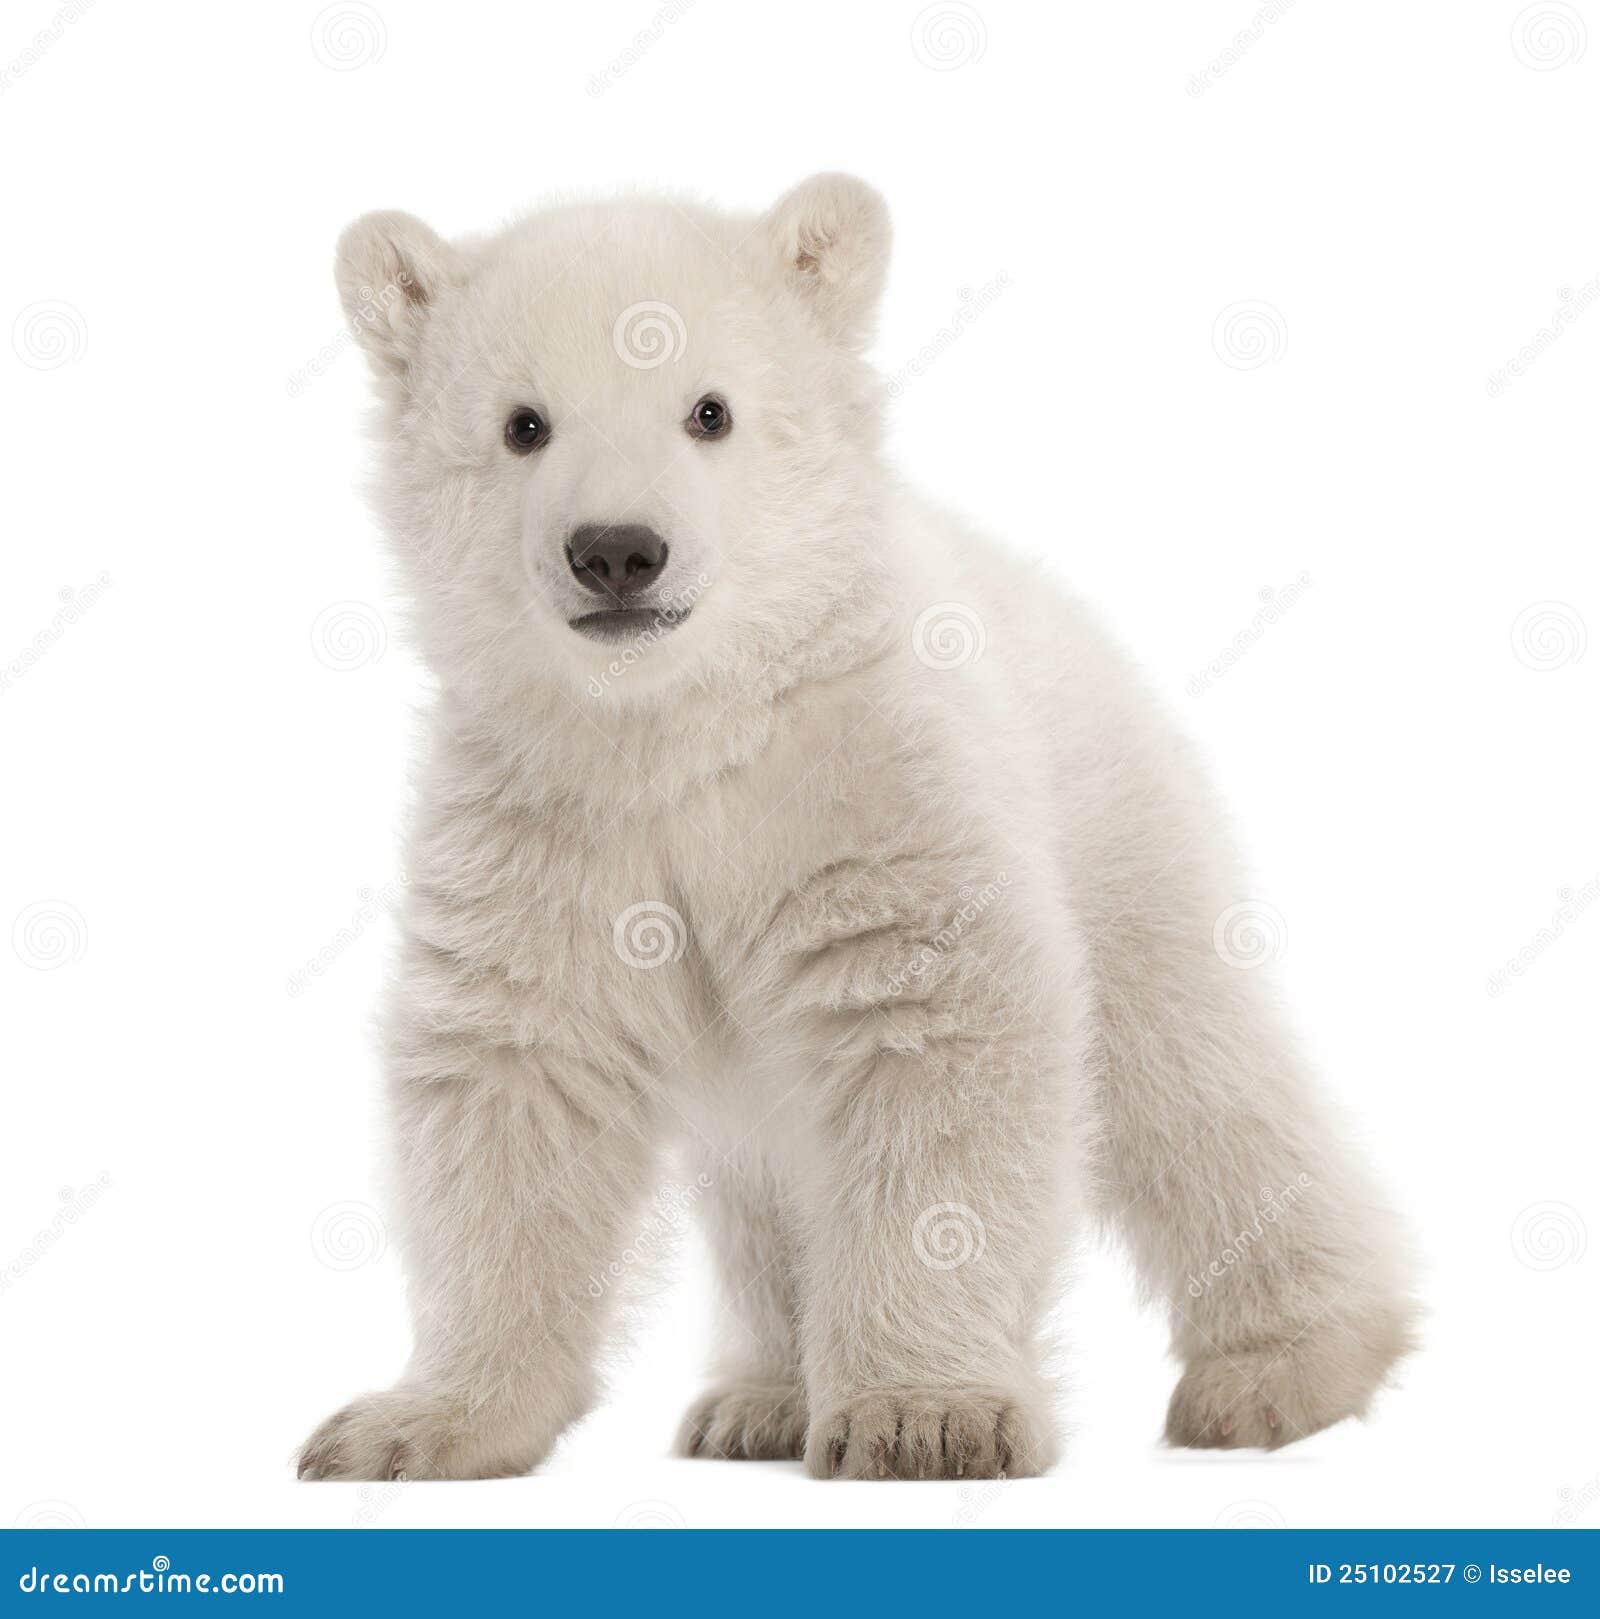 standing bear vector